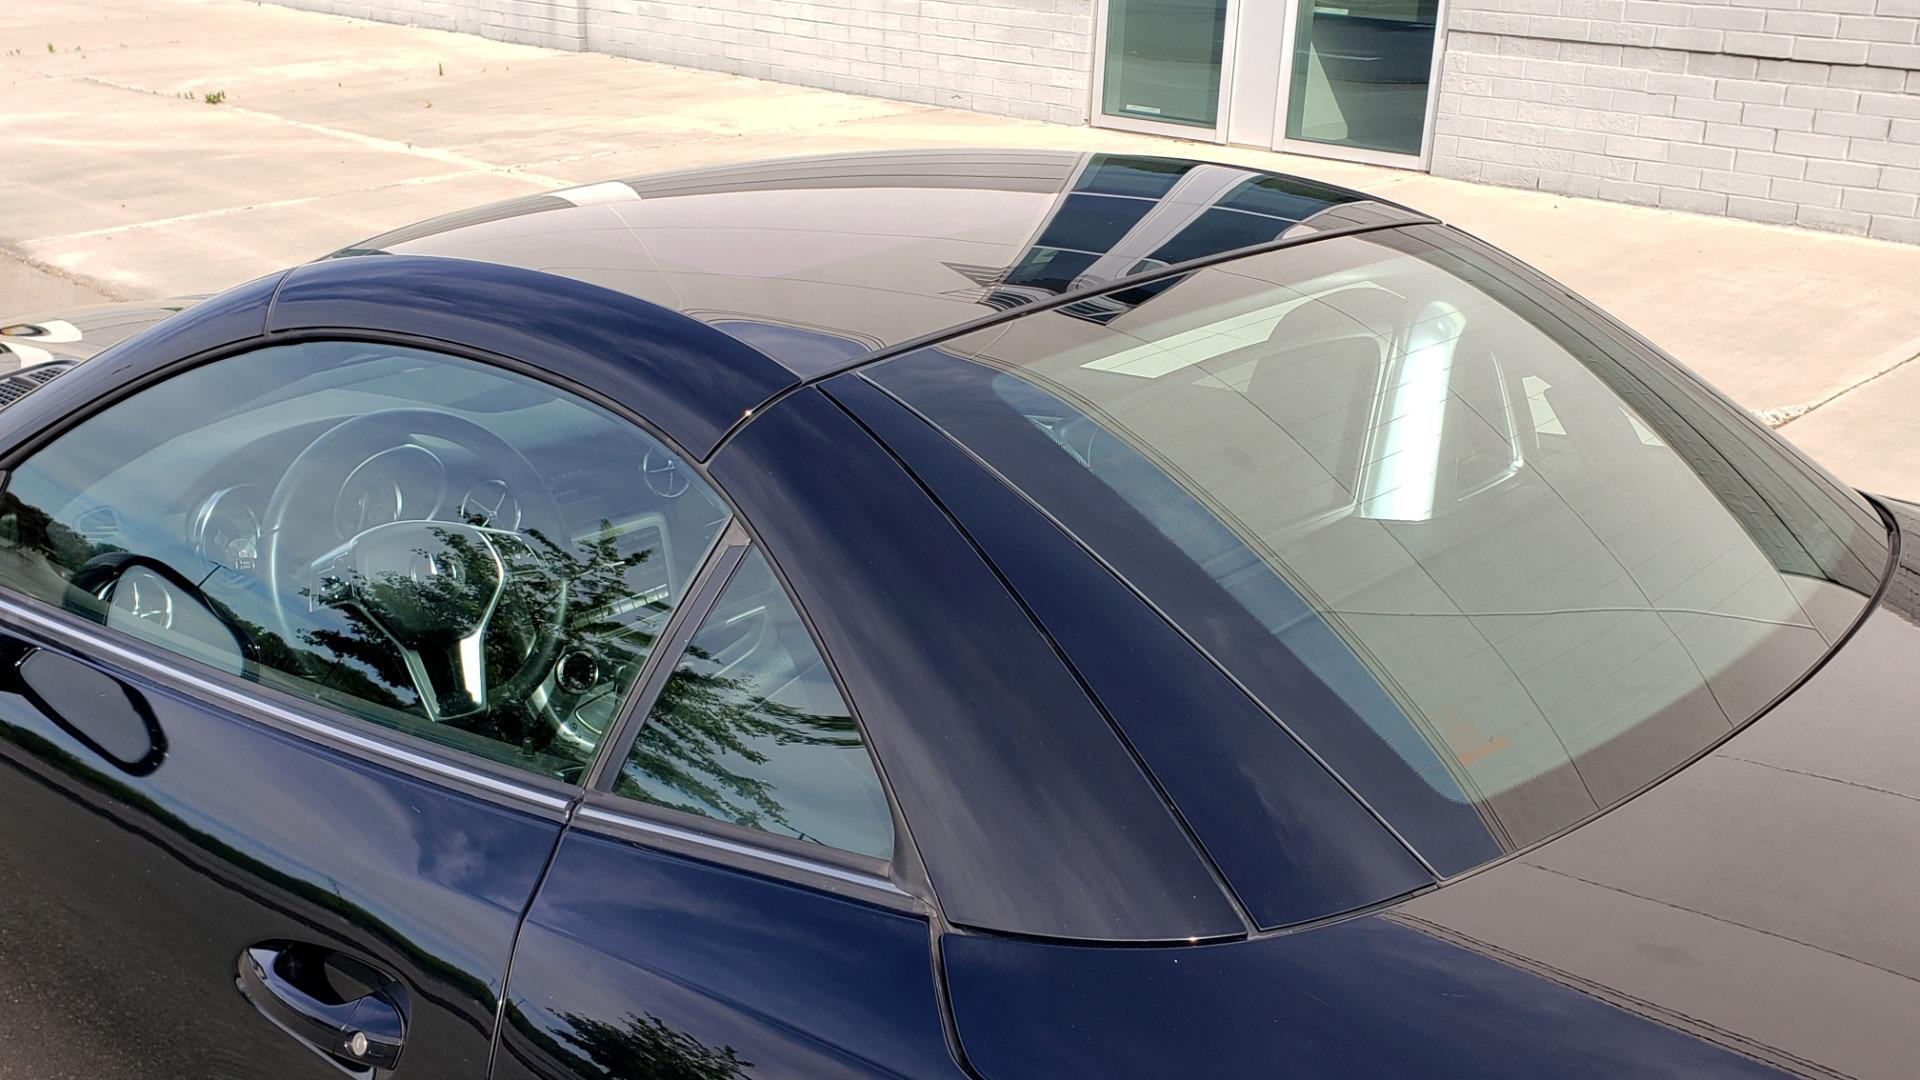 Used 2012 Mercedes-Benz SLK-CLASS SLK 250 ROADSTER / PREM 1 PKG / COMAND LAUNCH PKG / 7-SPD AUTO for sale $24,995 at Formula Imports in Charlotte NC 28227 12